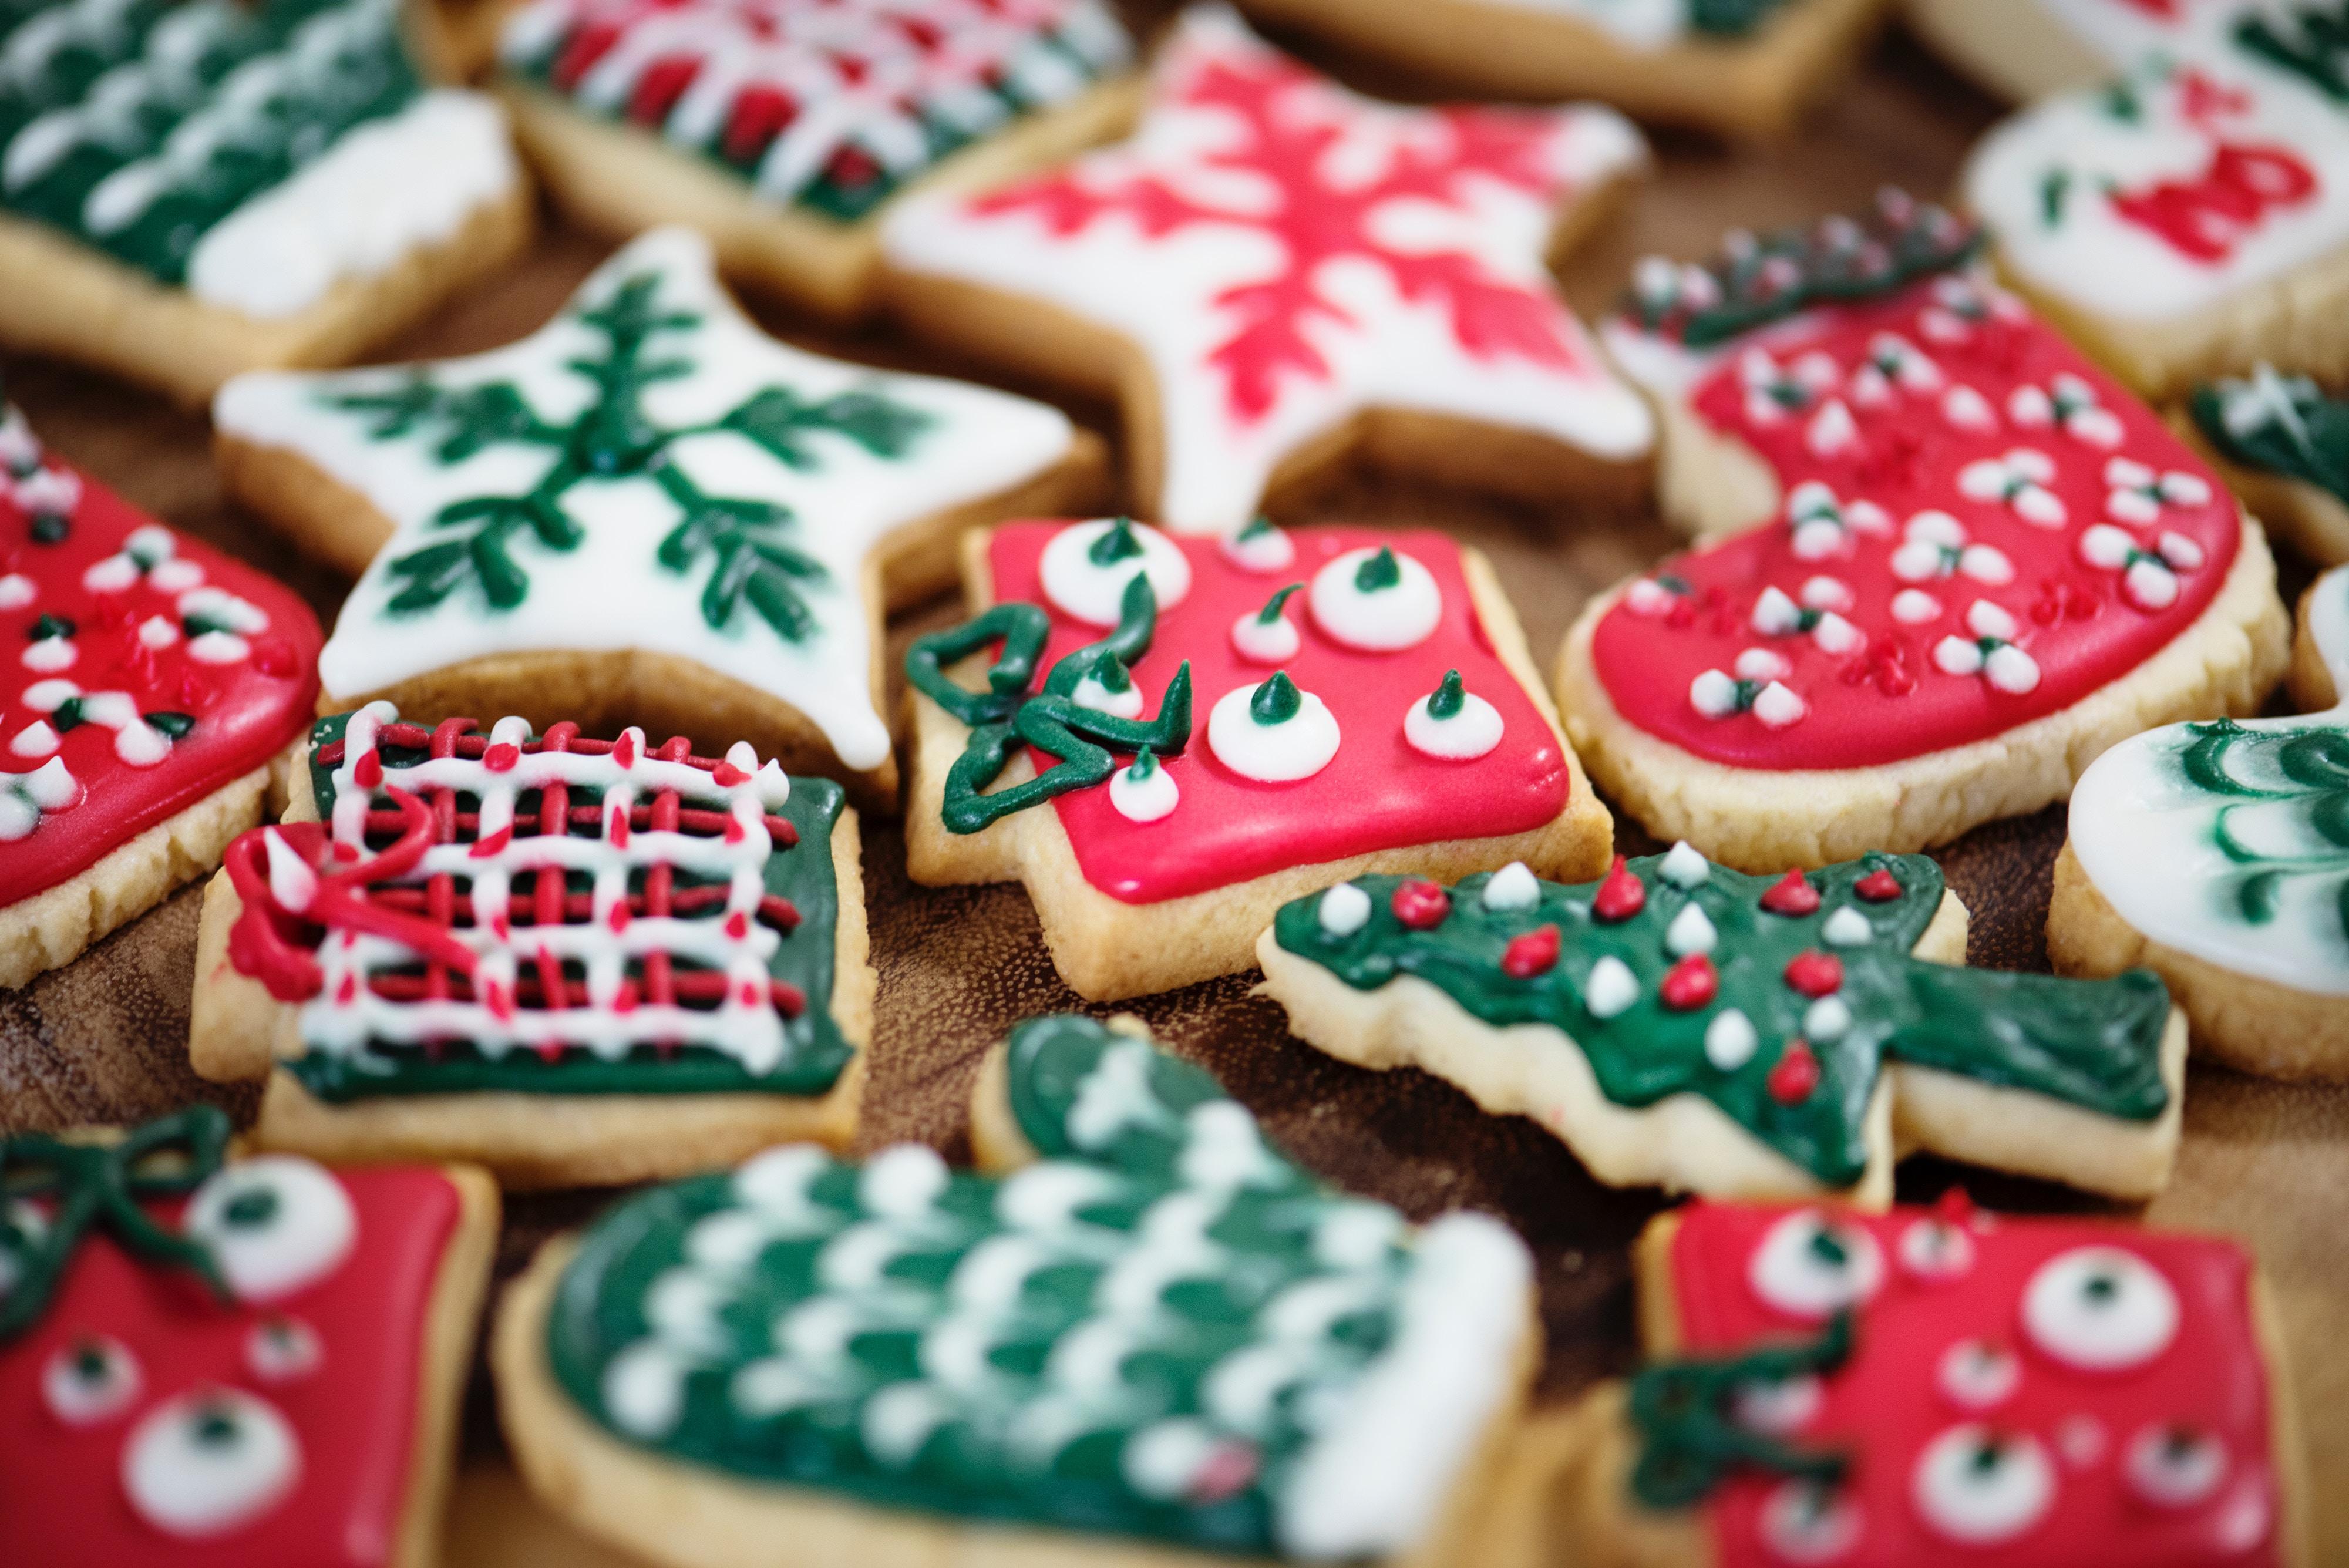 Veganes Weihnachten – 5 leckere Plätzchenrezepte für die Weihnachtszeit